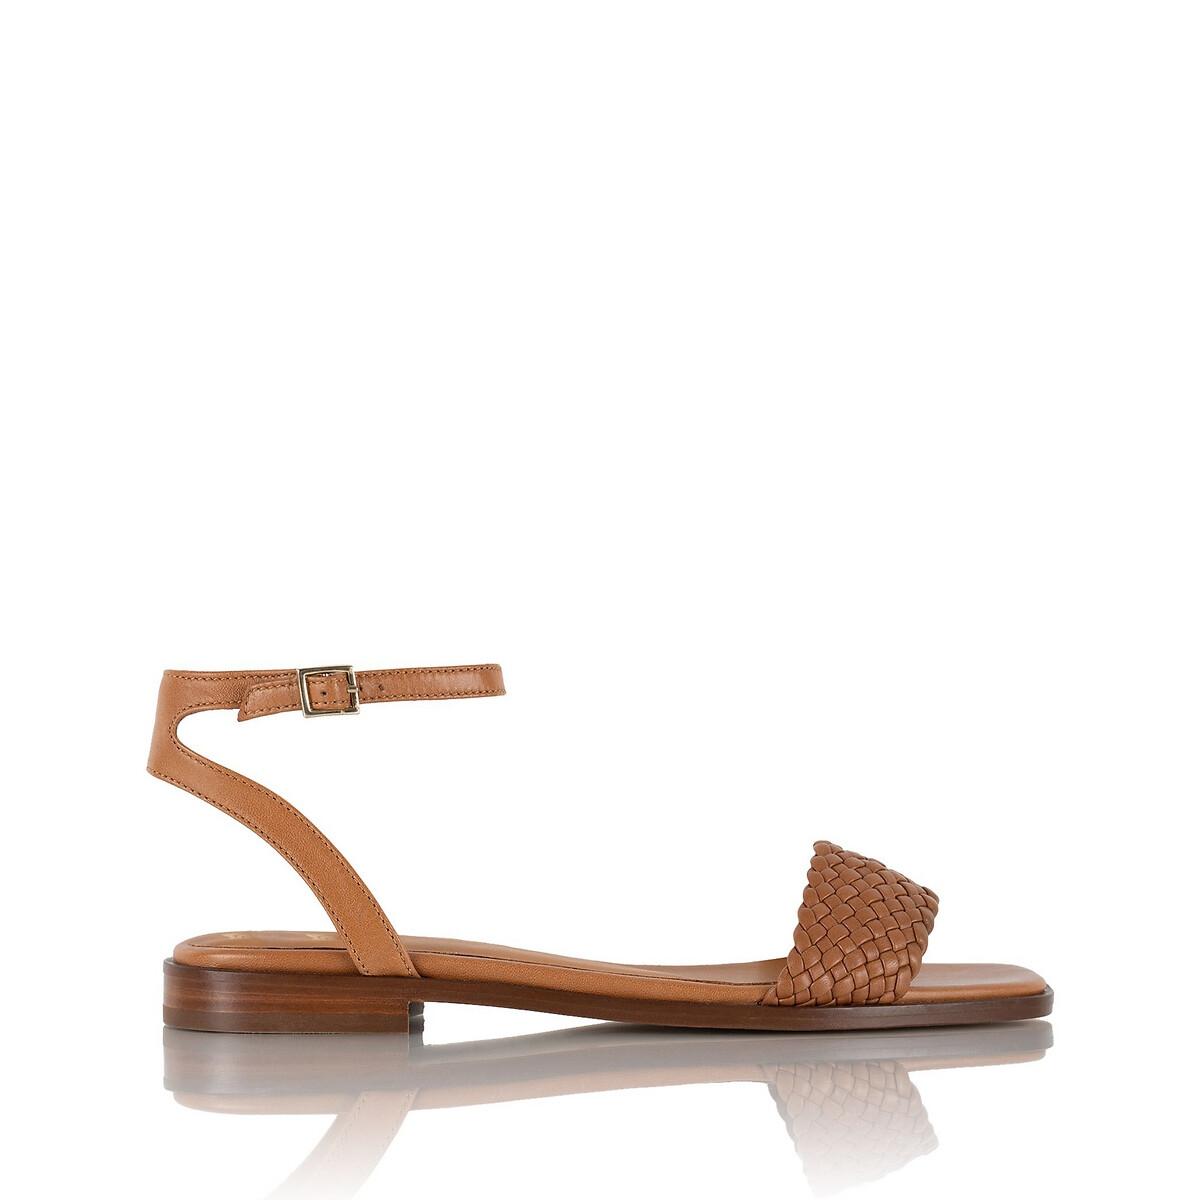 Фото - Босоножки LaRedoute Из кожи на плоском каблуке SUZANNE 37 каштановый балетки laredoute на плоском каблуке с рисунком под кожу питона 37 каштановый